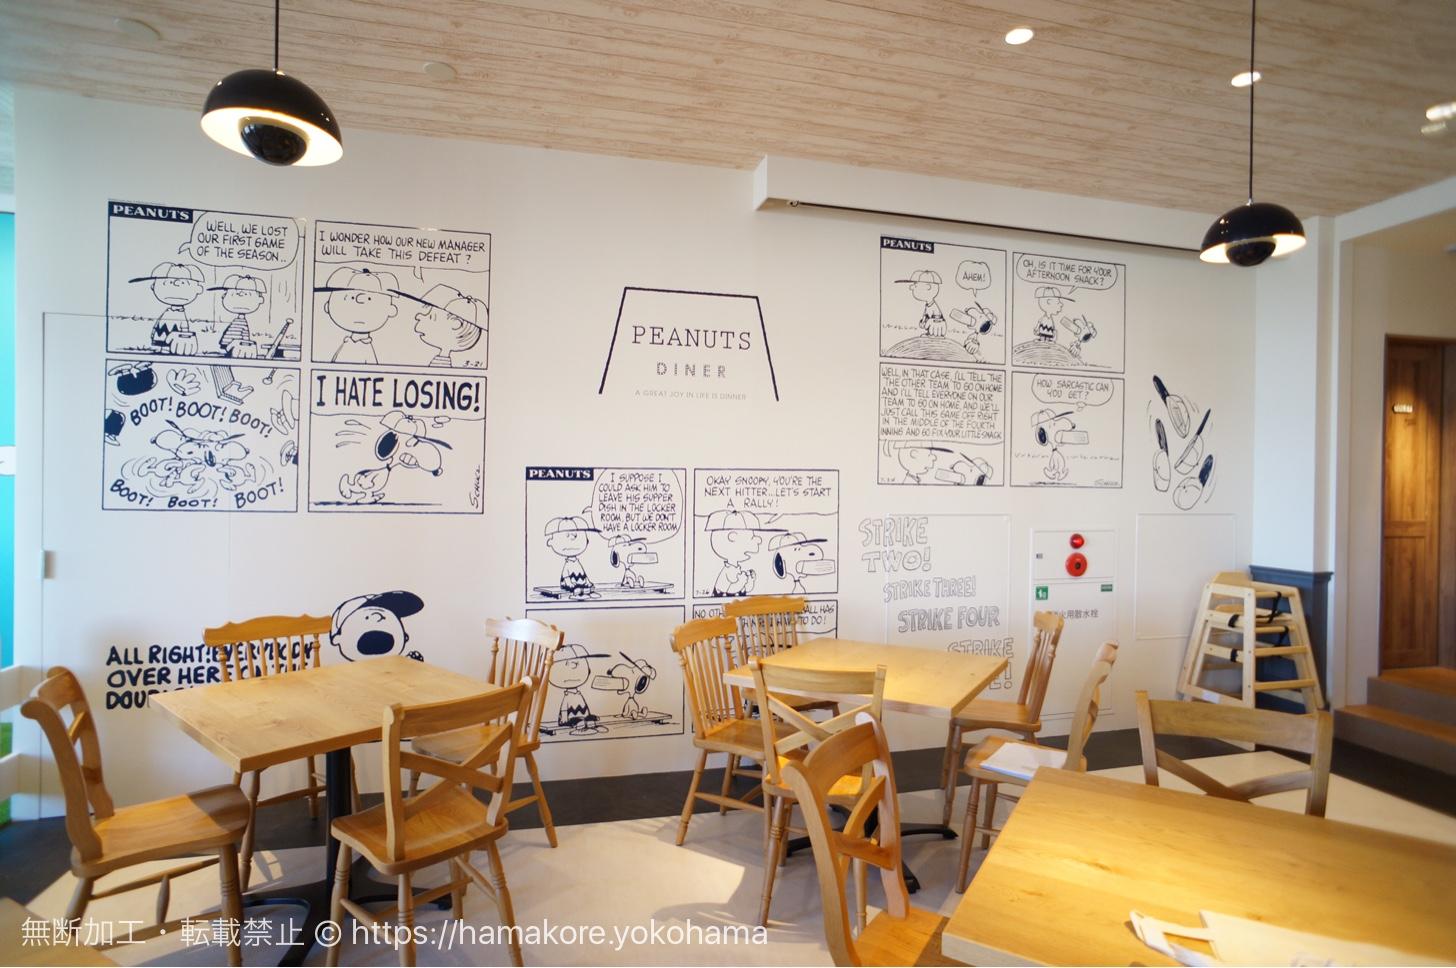 PEANUTS DINER(ピーナッツ ダイナー) 店内 壁面に描かれたスヌーピー